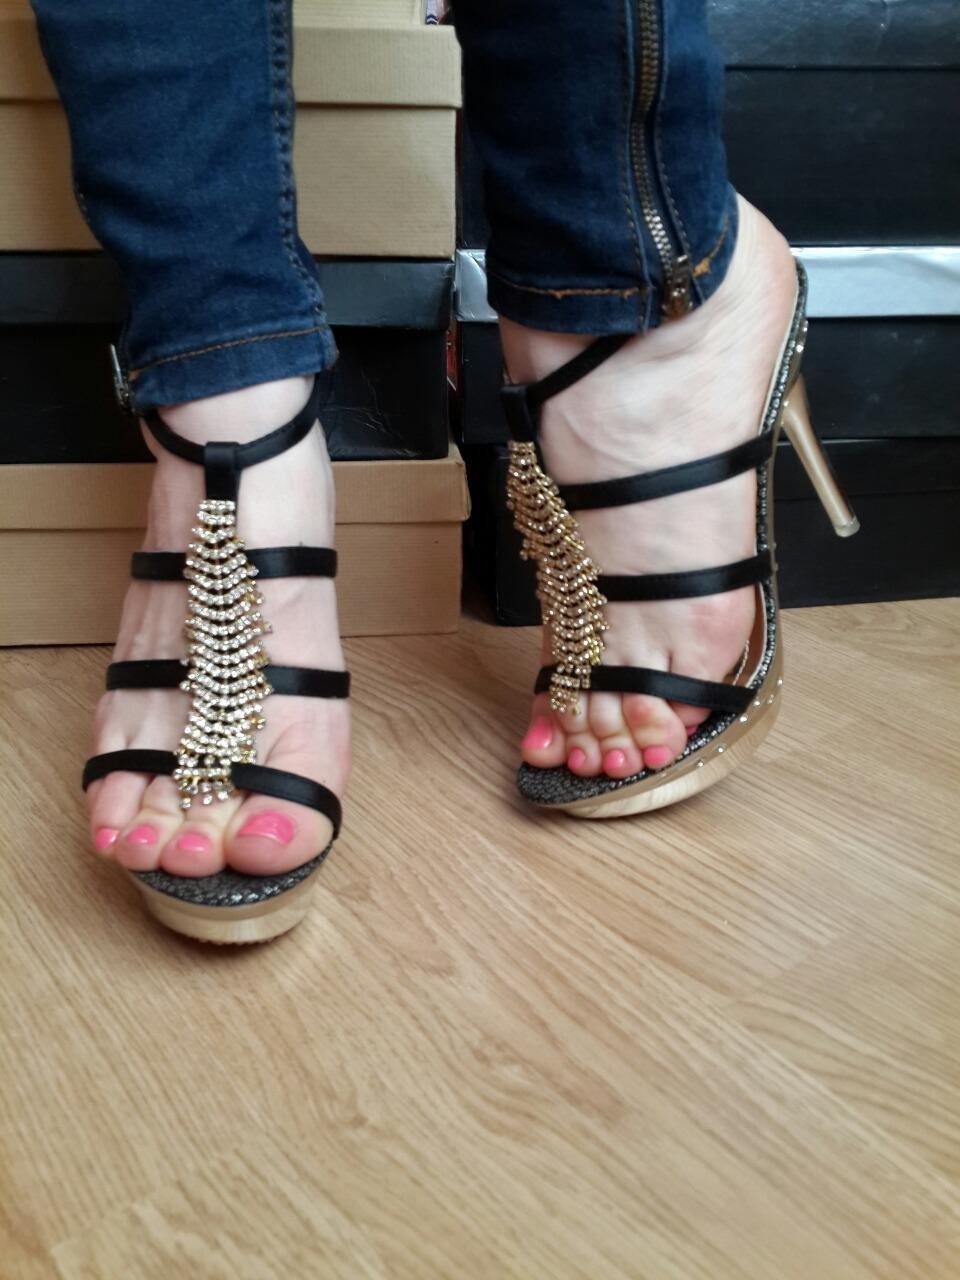 5973b78c8e85 Женские модельные босоножки на каблуке с камнями Цвета золотой и красный.  Состав эко кожа.